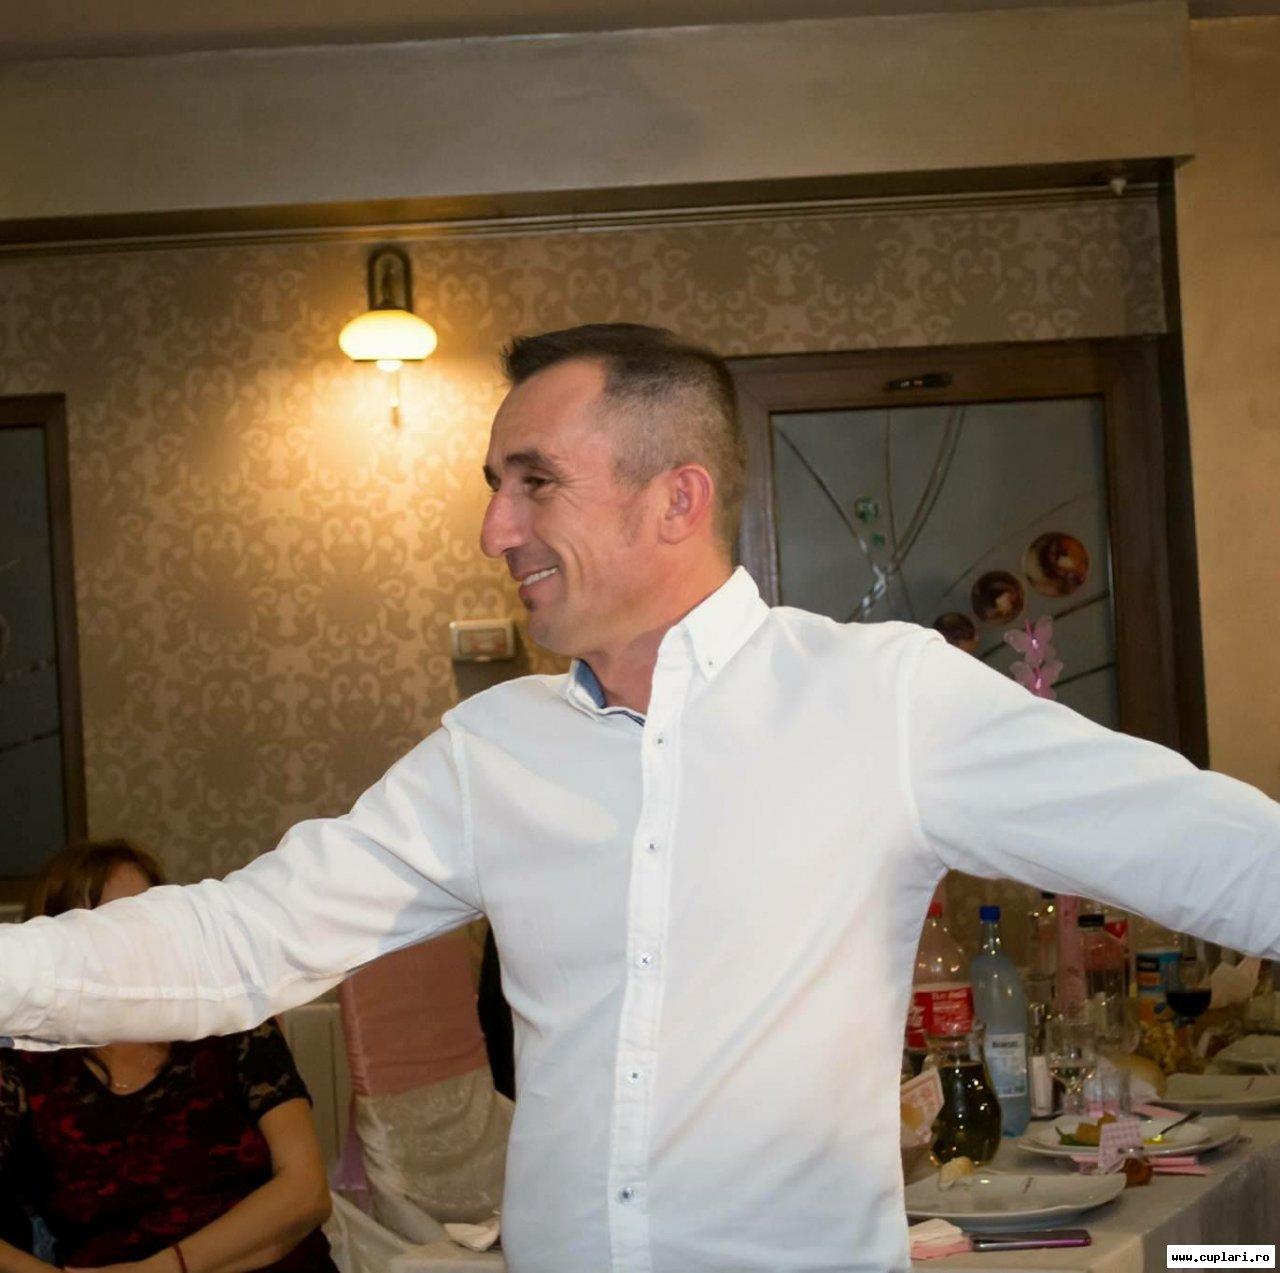 barbati din Drobeta Turnu Severin cauta femei din București